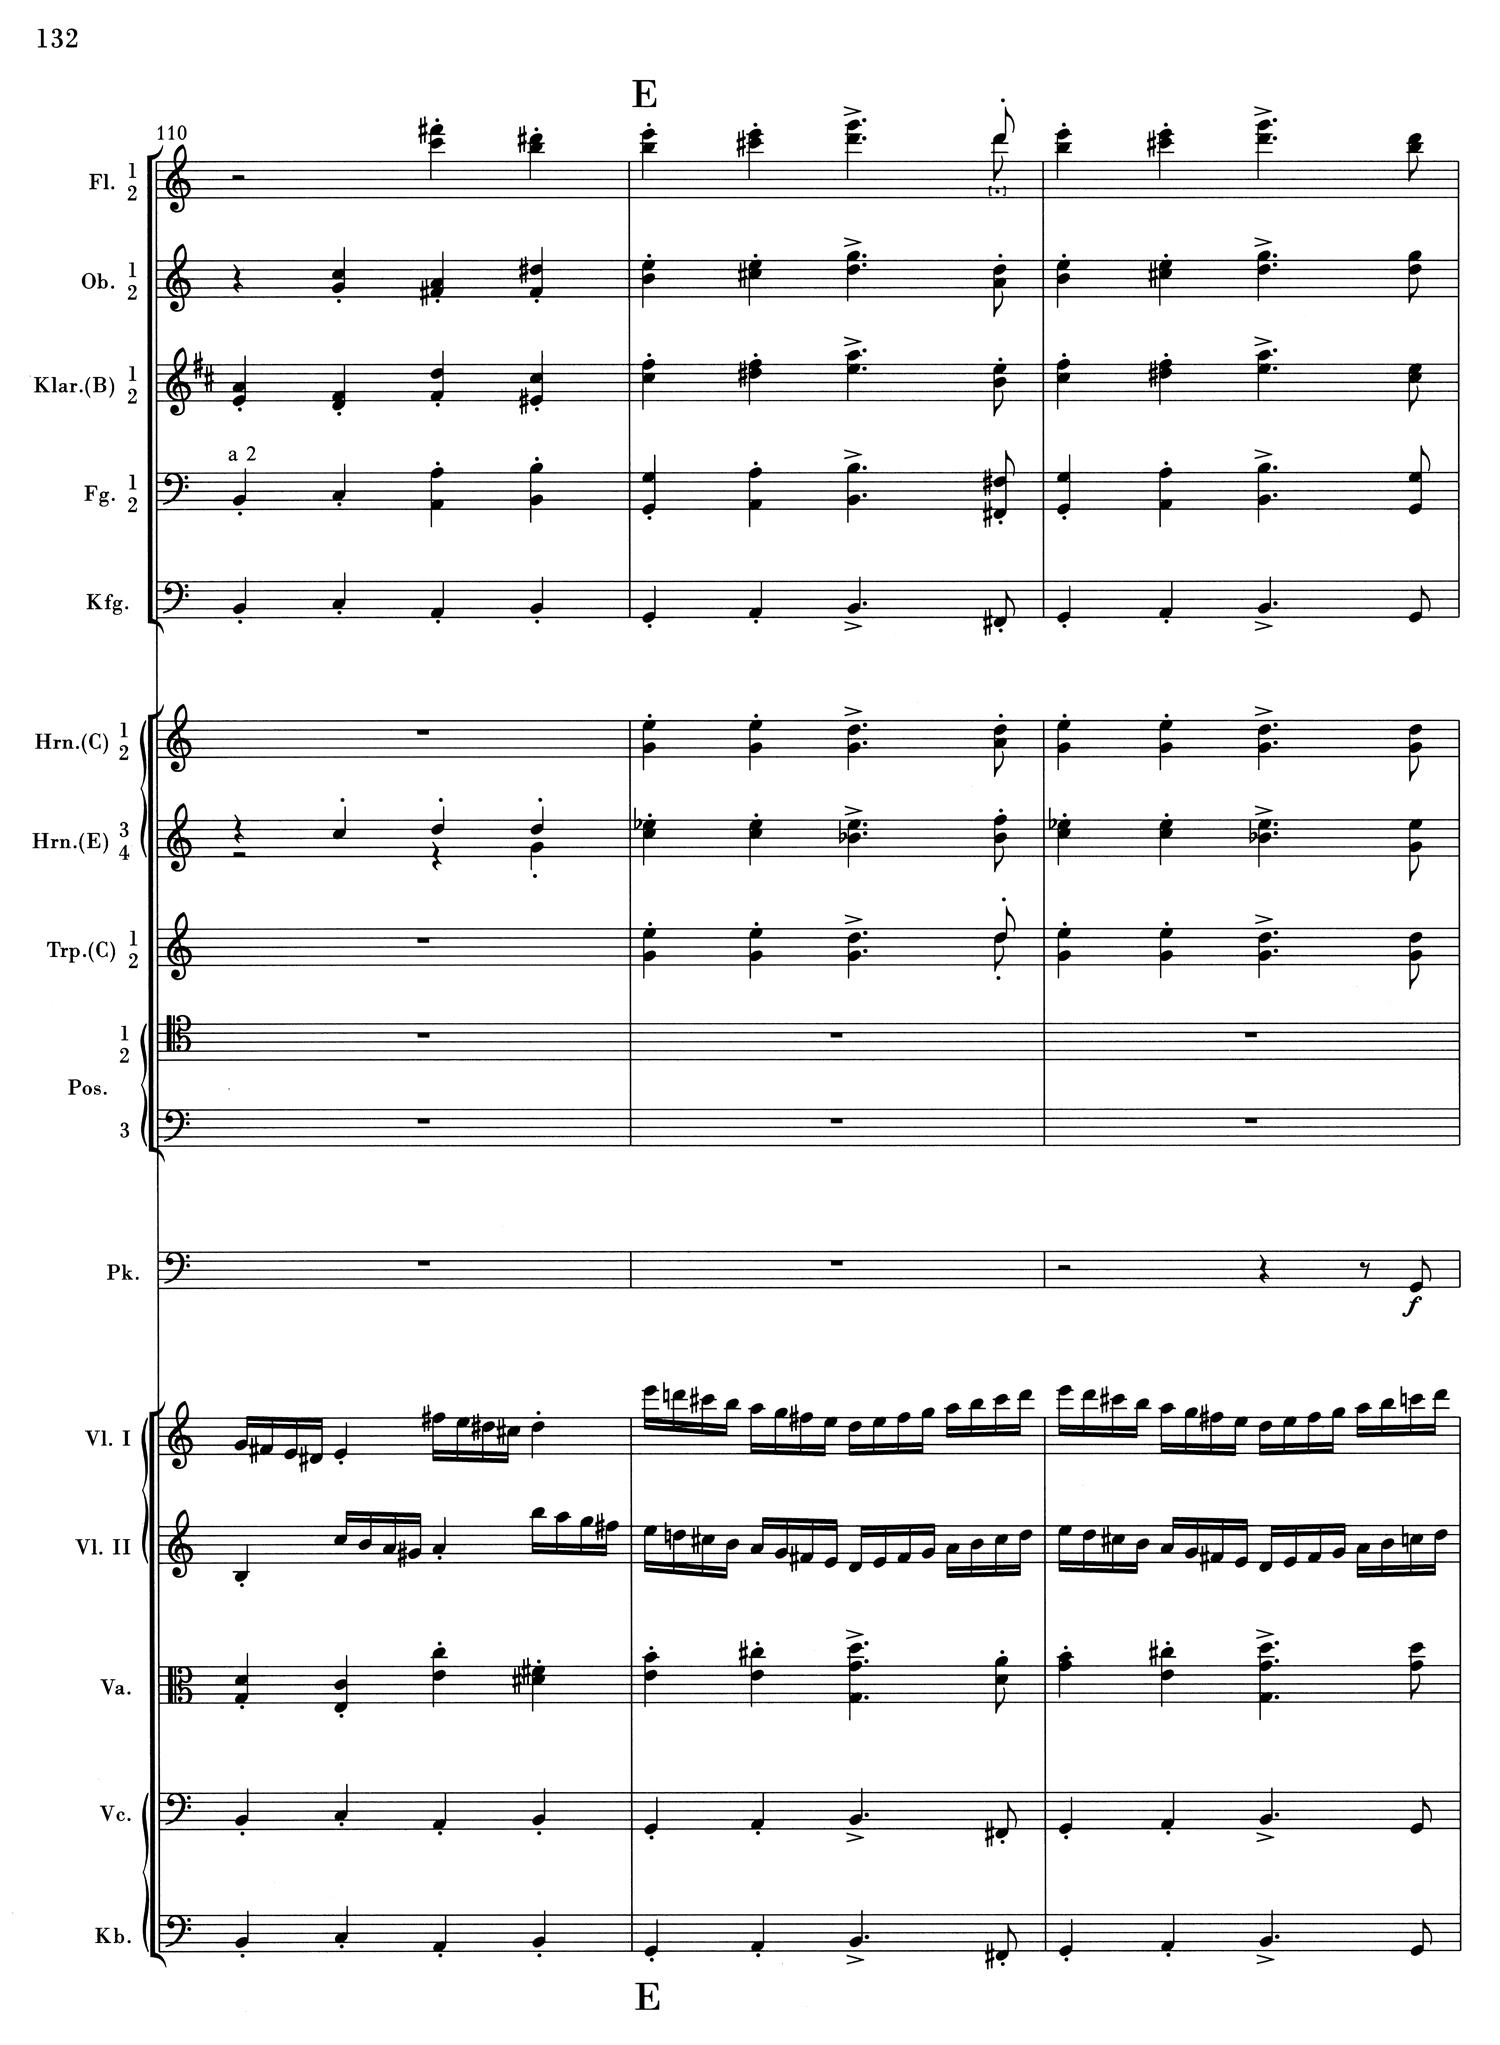 Brahms 1 Mvt 4 Score 4.jpg